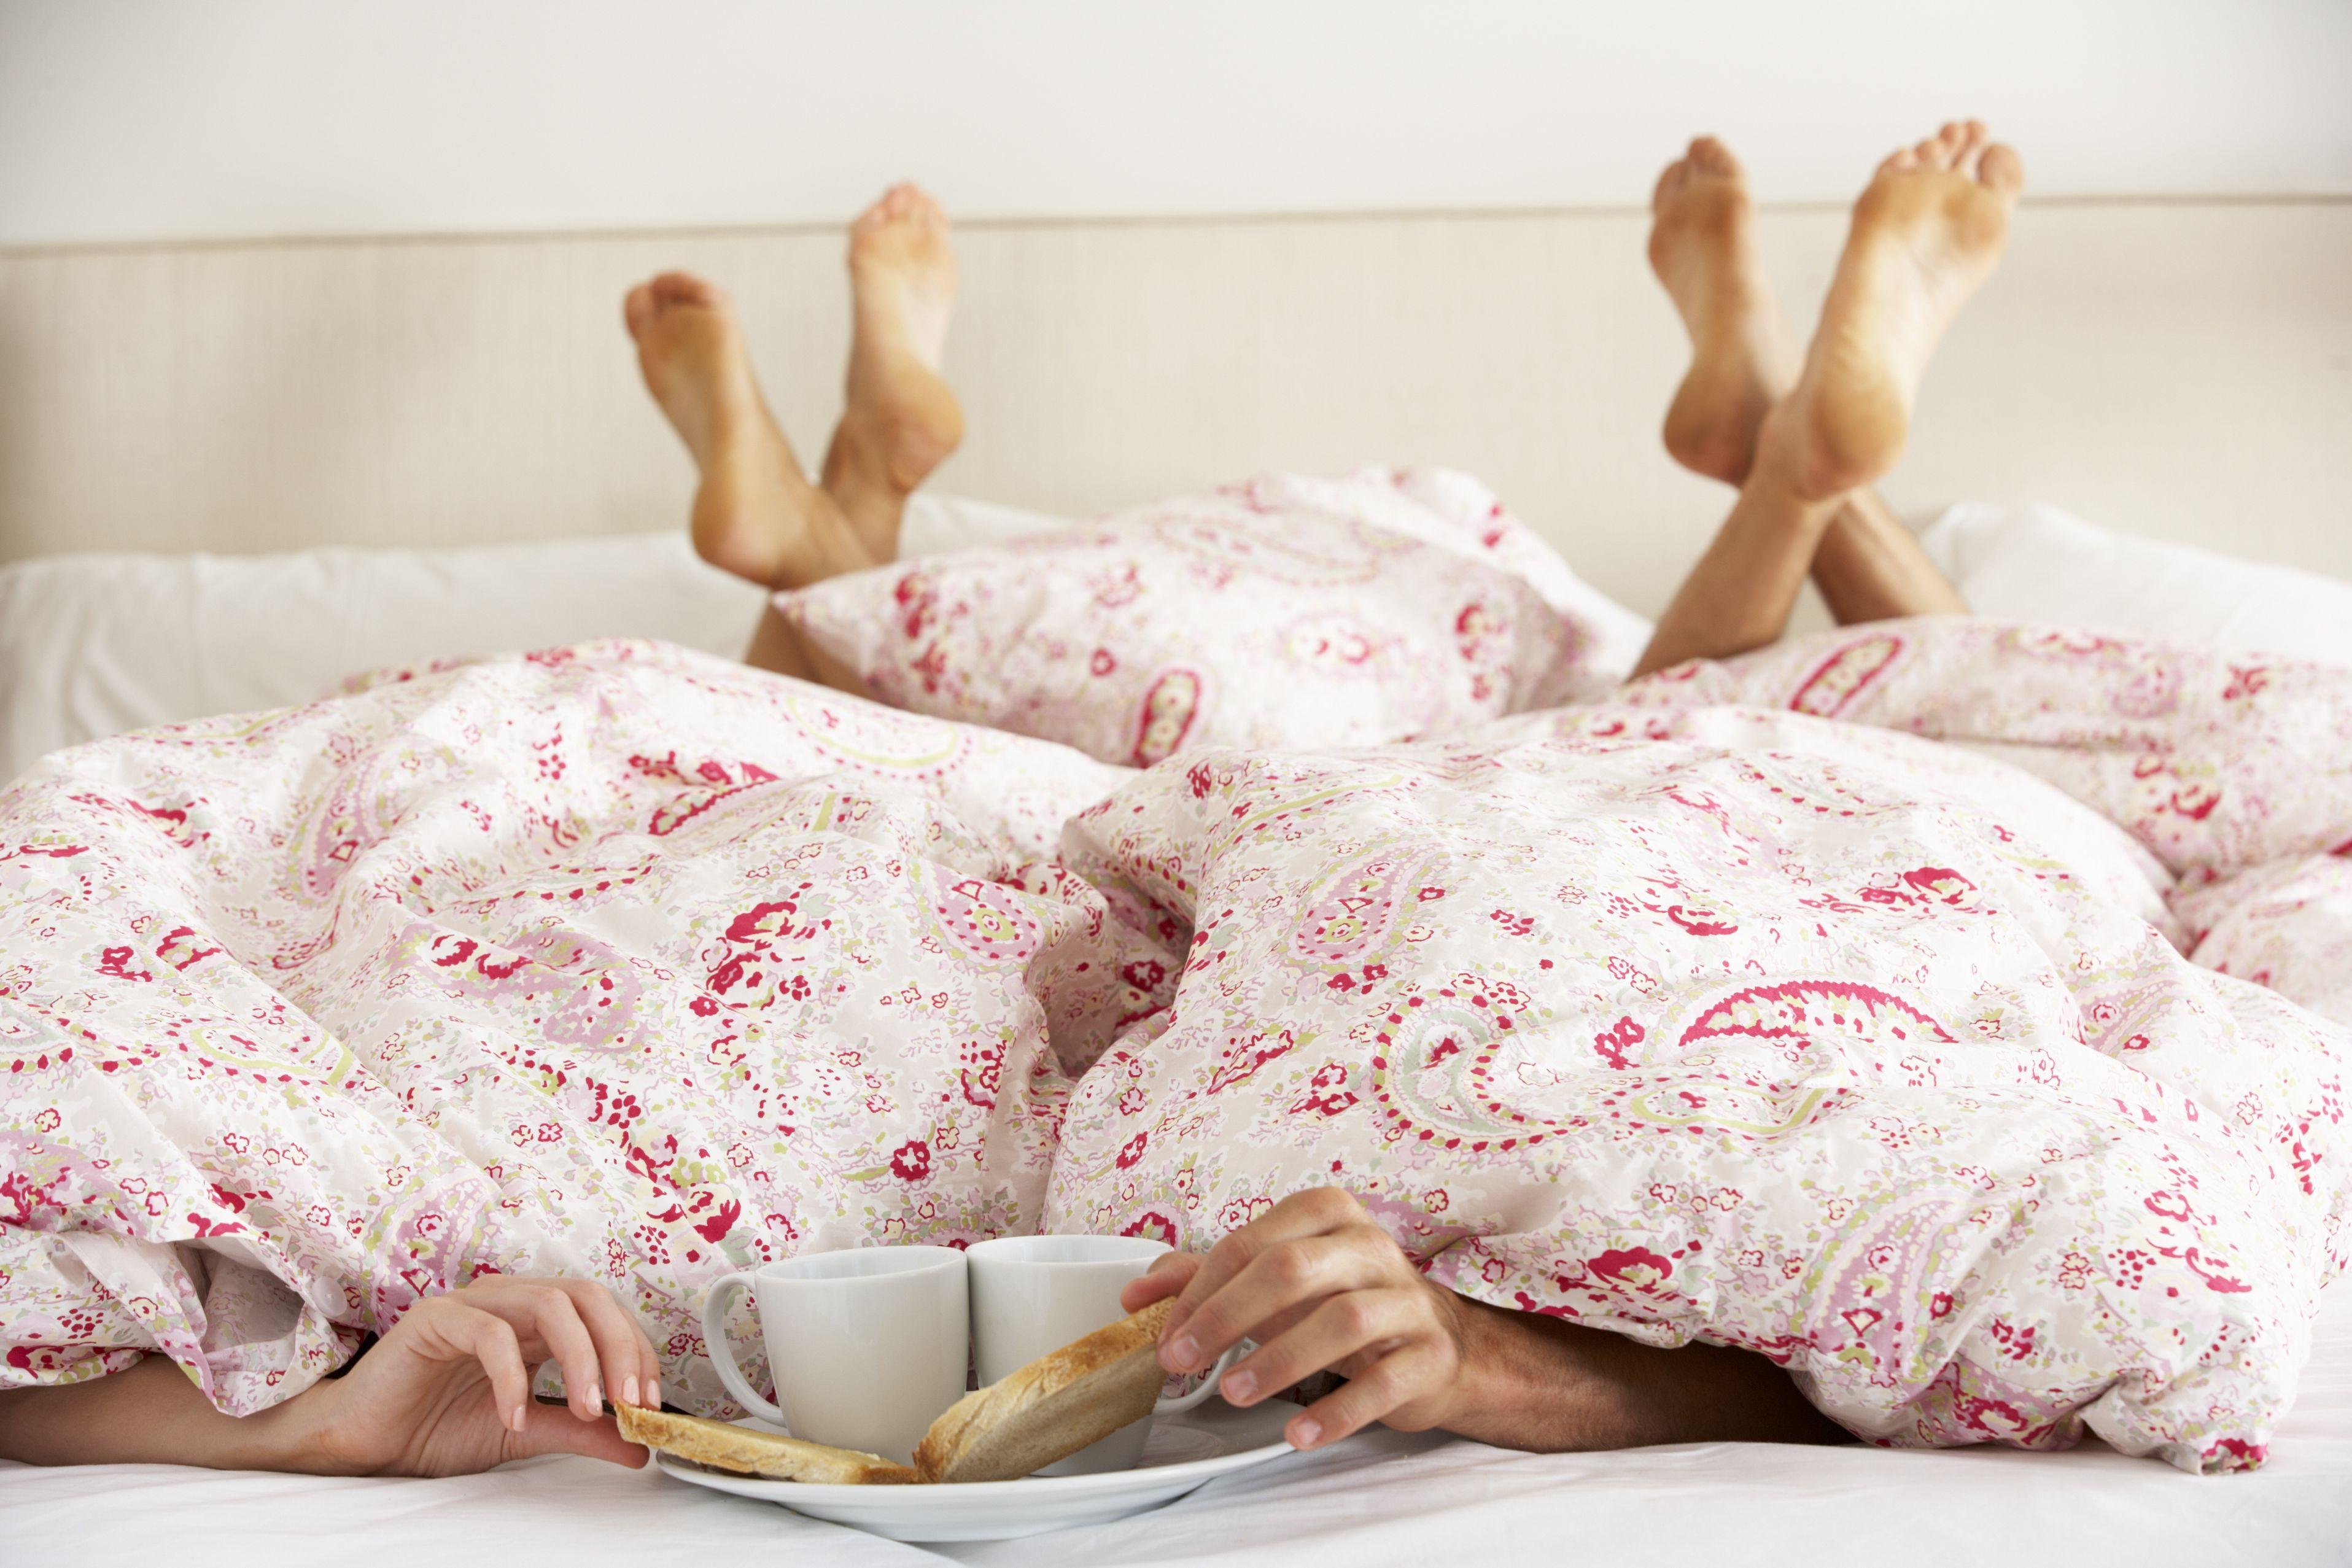 Сэкс с утра пораньше, Утренний секс, трах утром - Смотреть порно видео онлайн 26 фотография